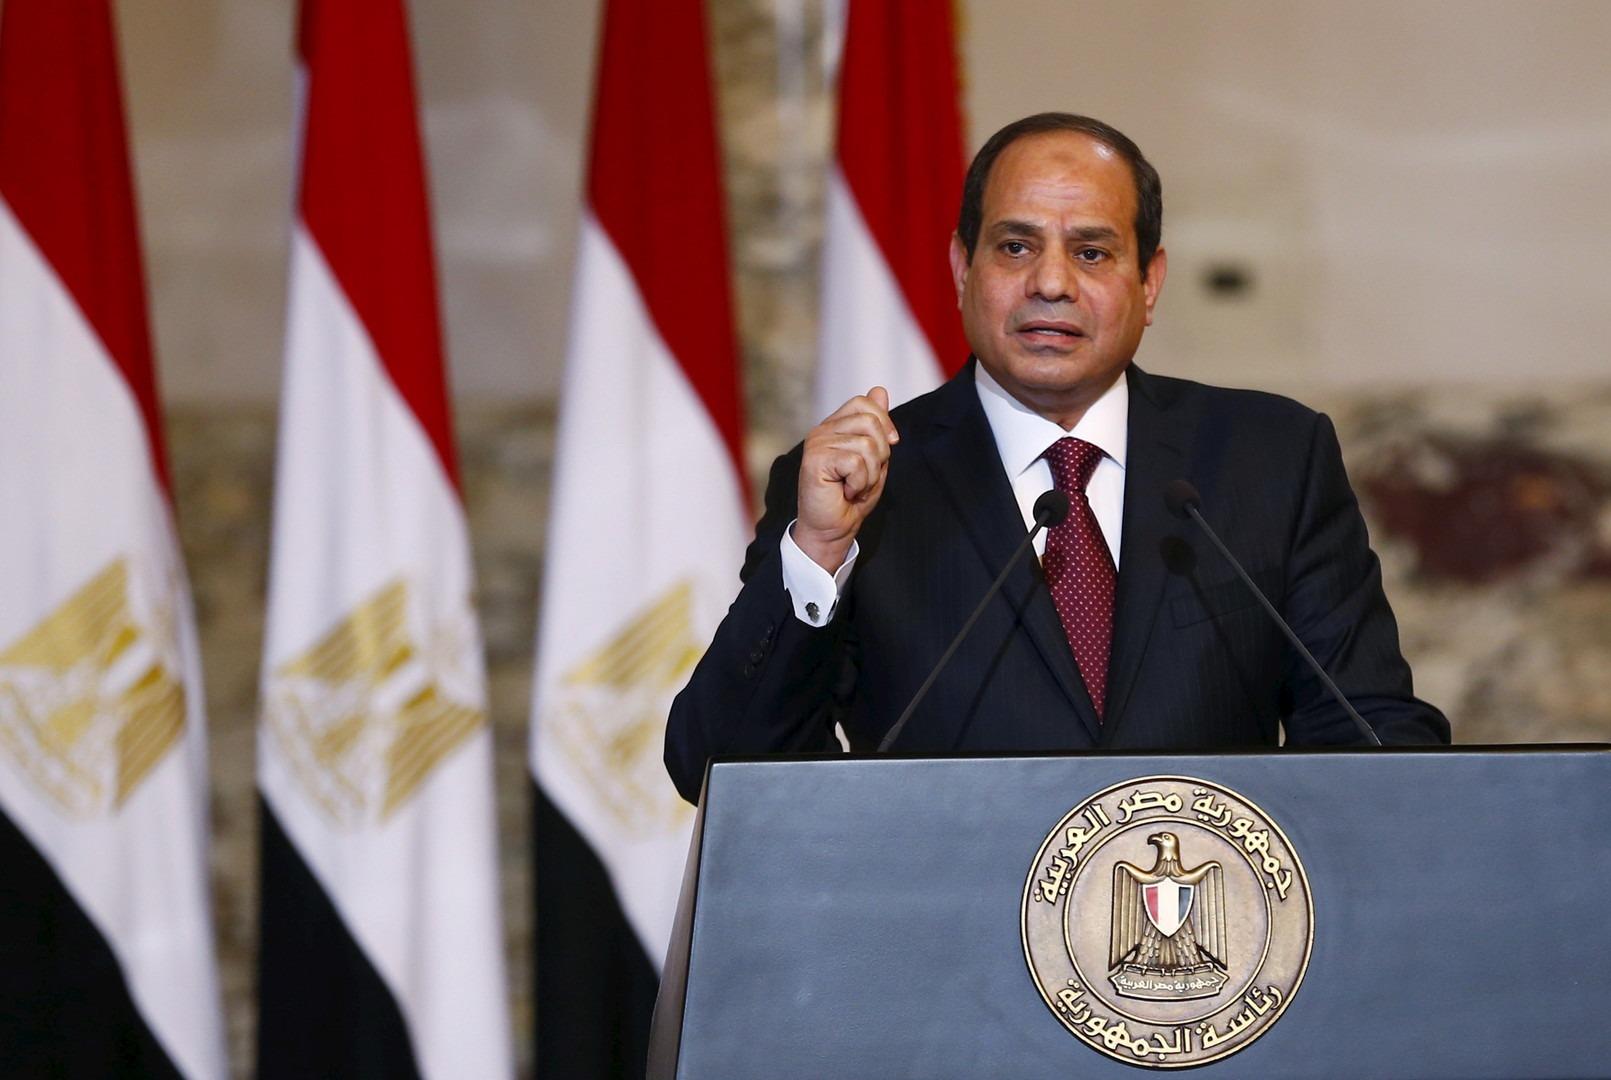 السيسي: مصر تدعم إرادة الشعب السوداني في صياغة مستقبلة